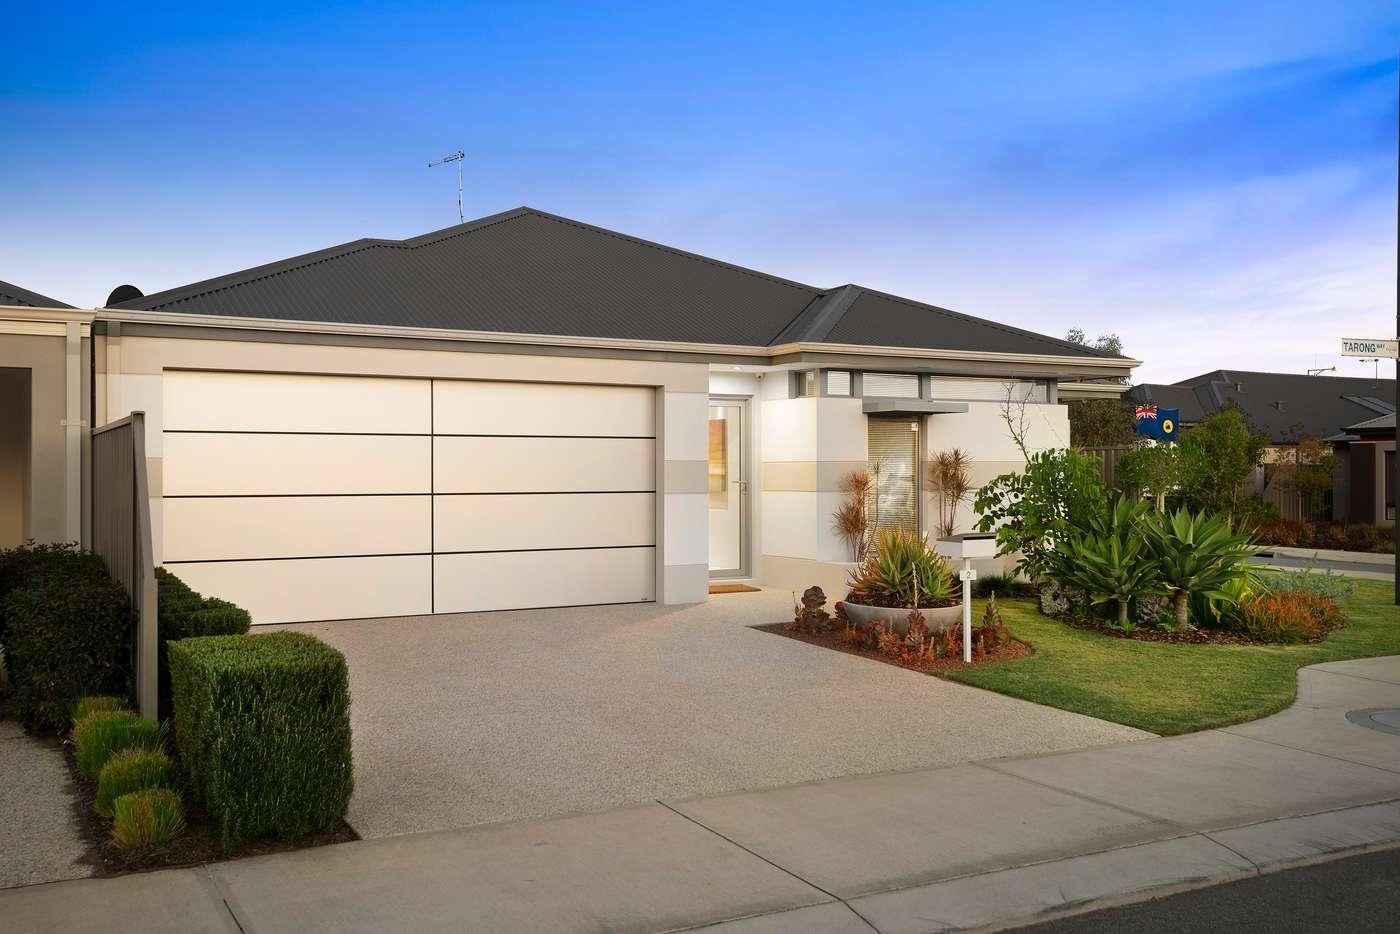 Main view of Homely house listing, 2 Tarong Way, Wandi WA 6167